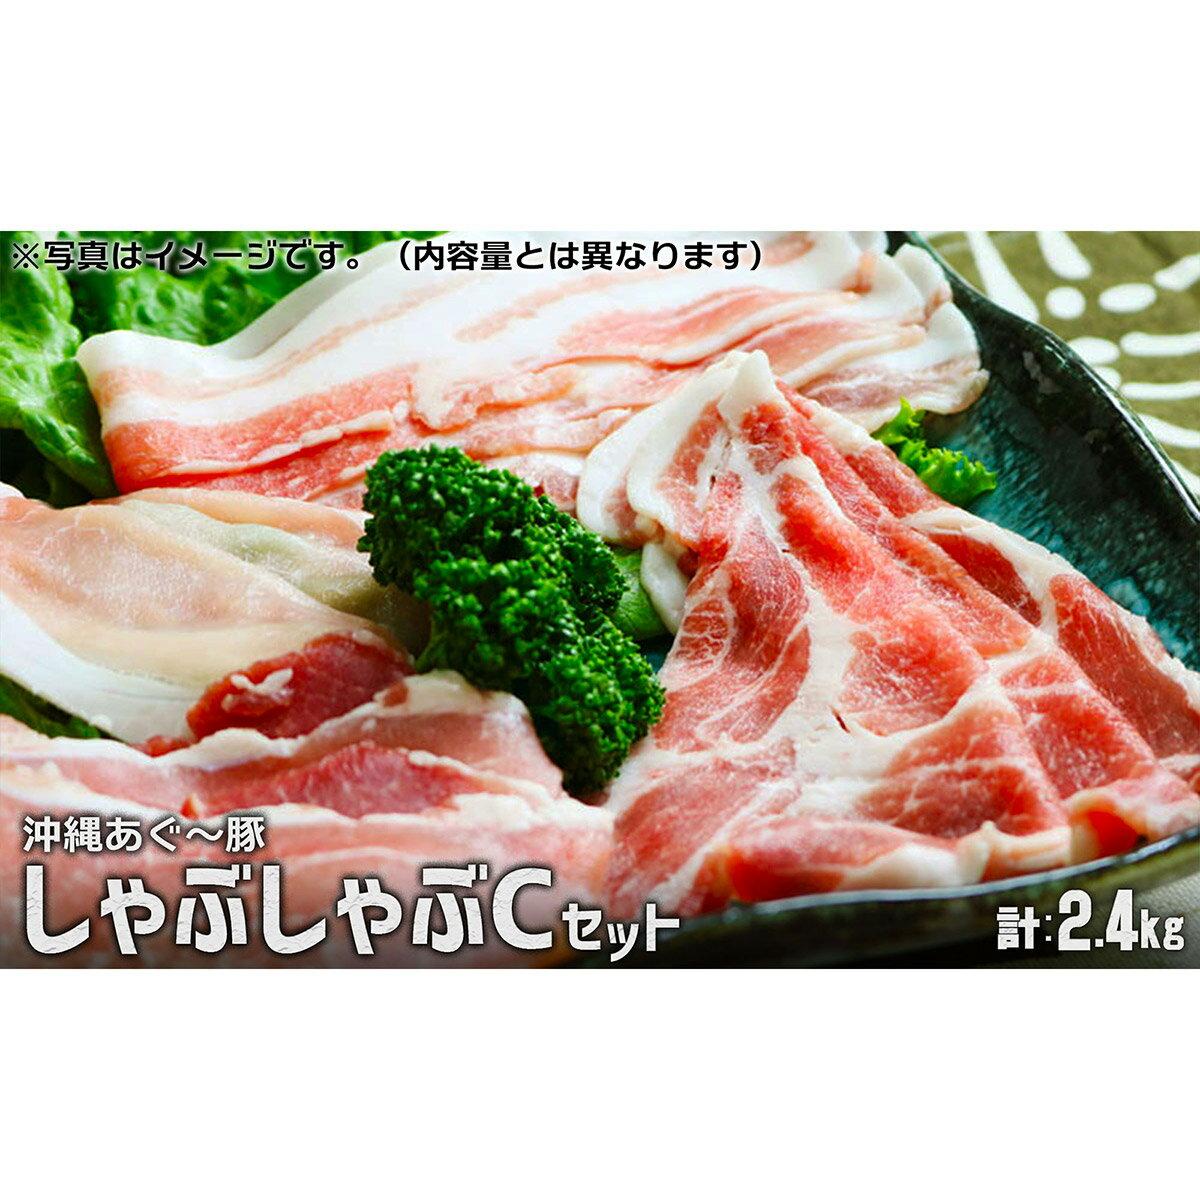 【ふるさと納税】【東村北斗農場産】沖縄あぐー豚しゃぶしゃぶCセット 2.4kg